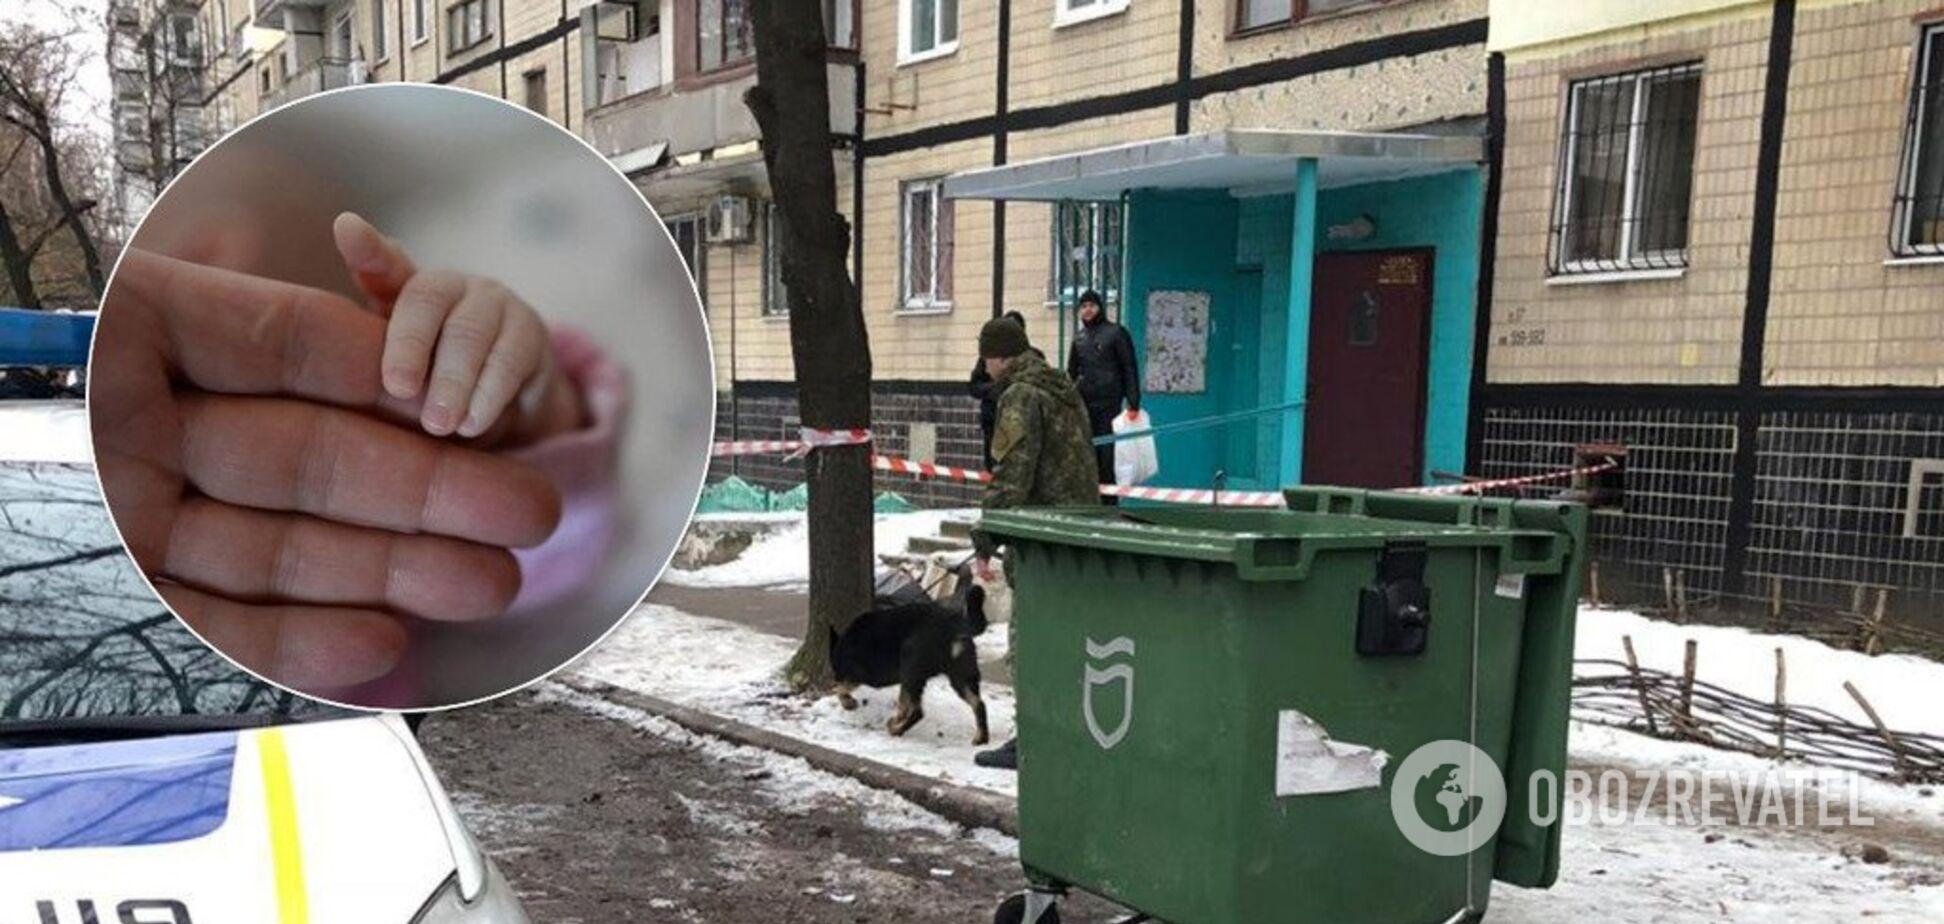 В Киеве в мусорном баке нашли мертвого младенца: что известно